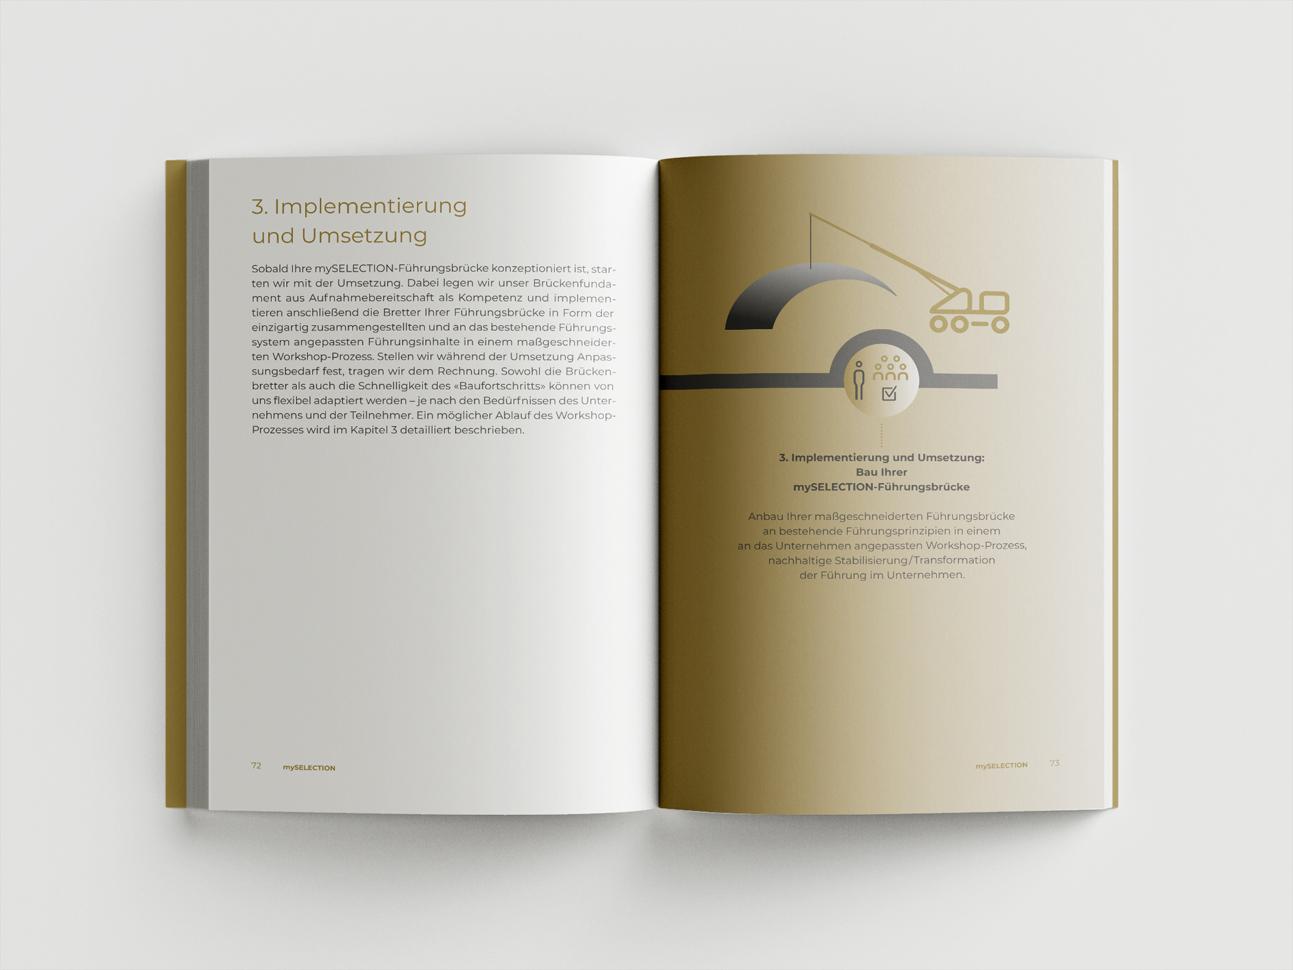 martin zech design, buchgestaltung, atilla vuran, mypontea, doppelseite 10